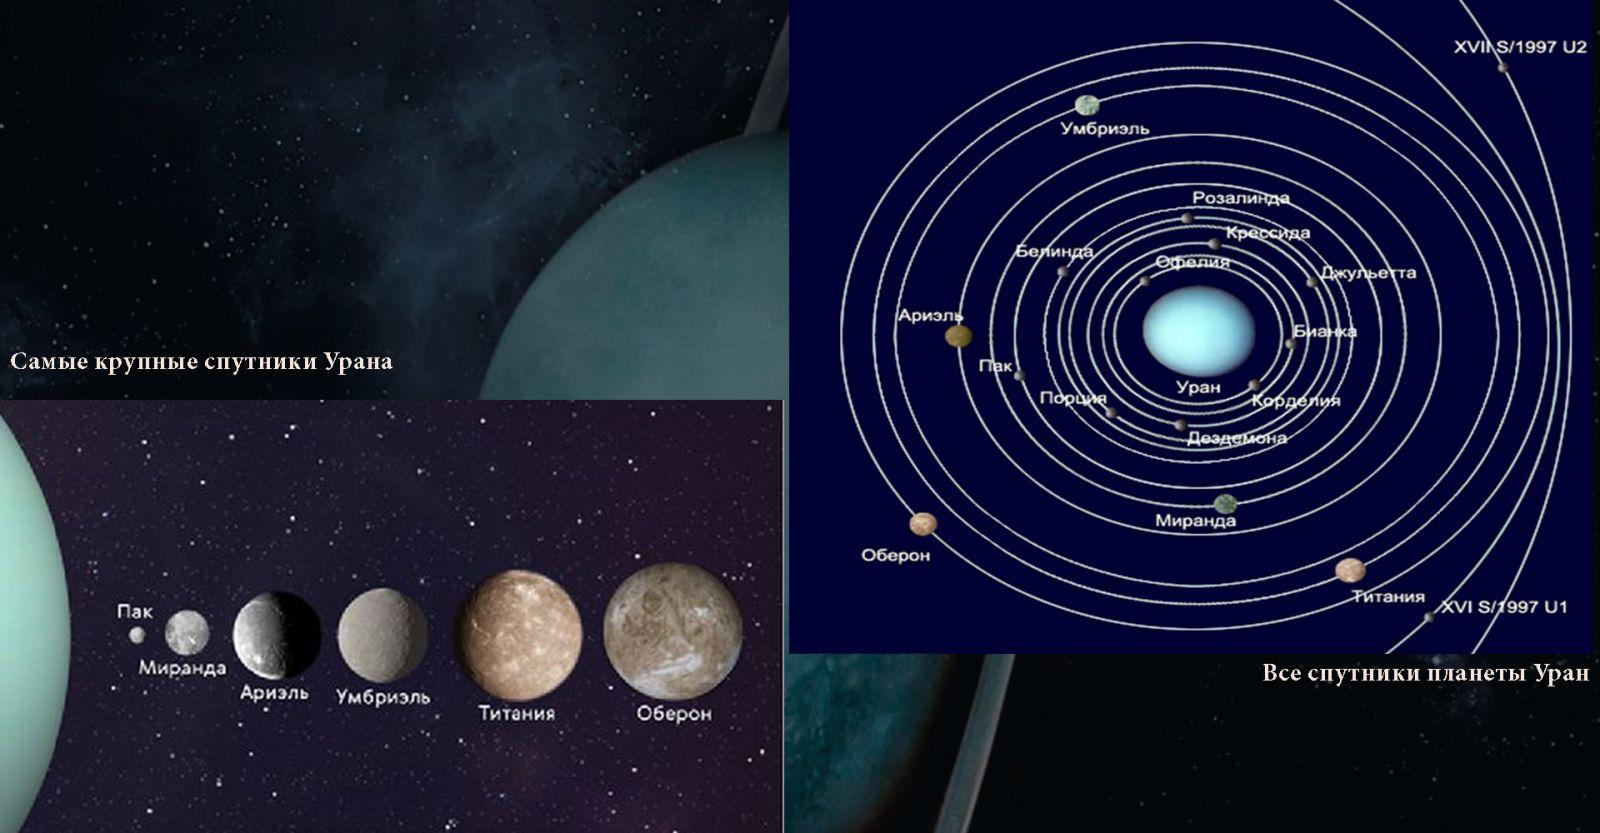 Изображение и расположение спутников Урана